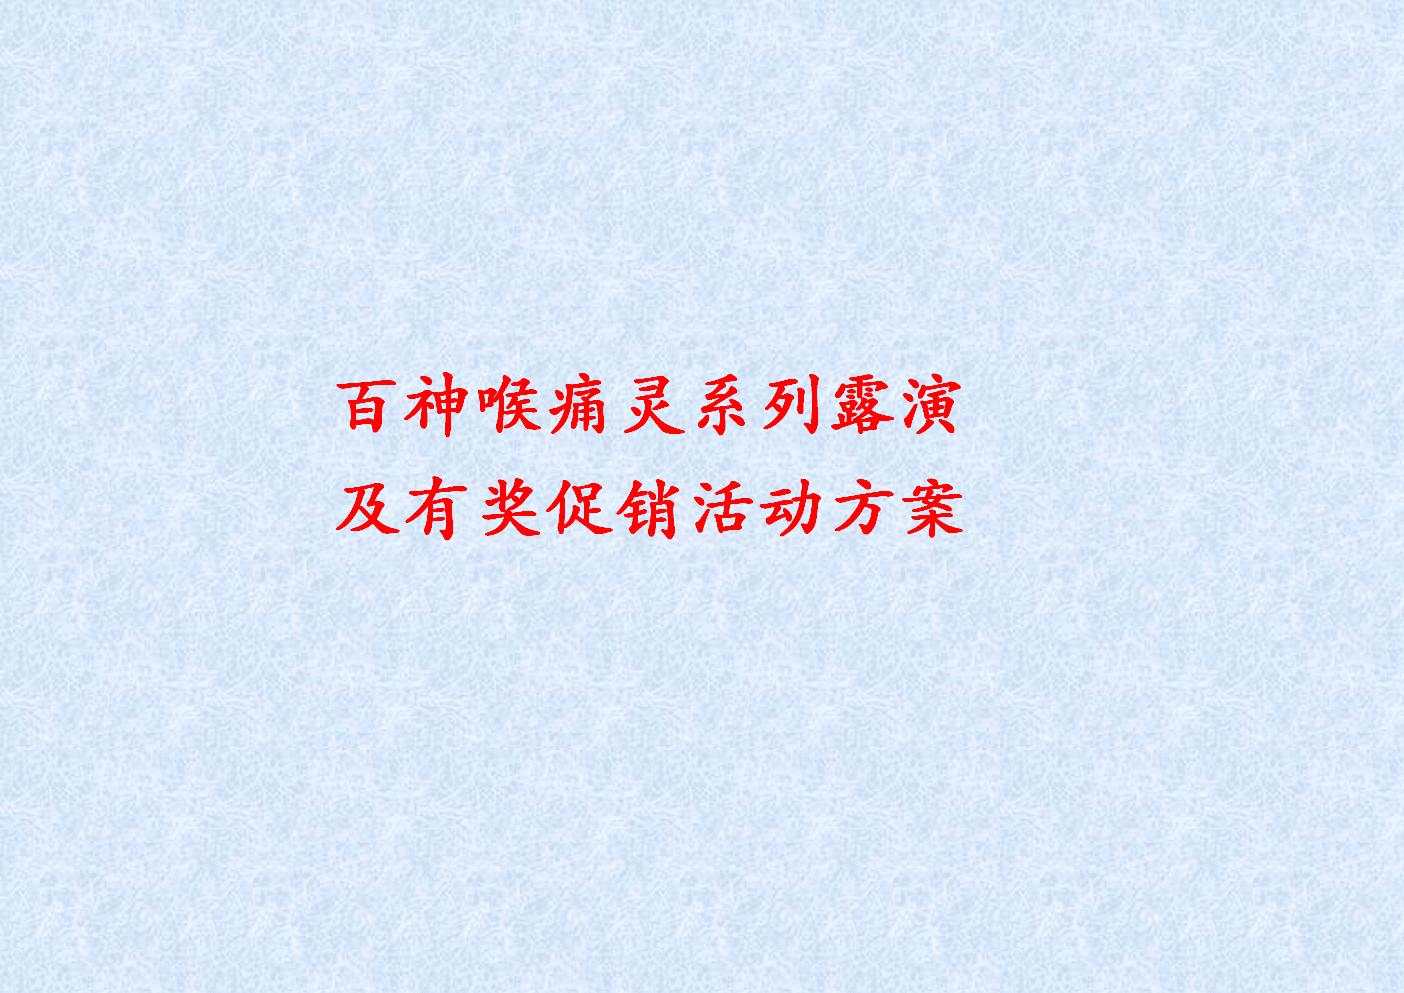 百神喉痛灵系列露演及有奖促销活动方案.doc